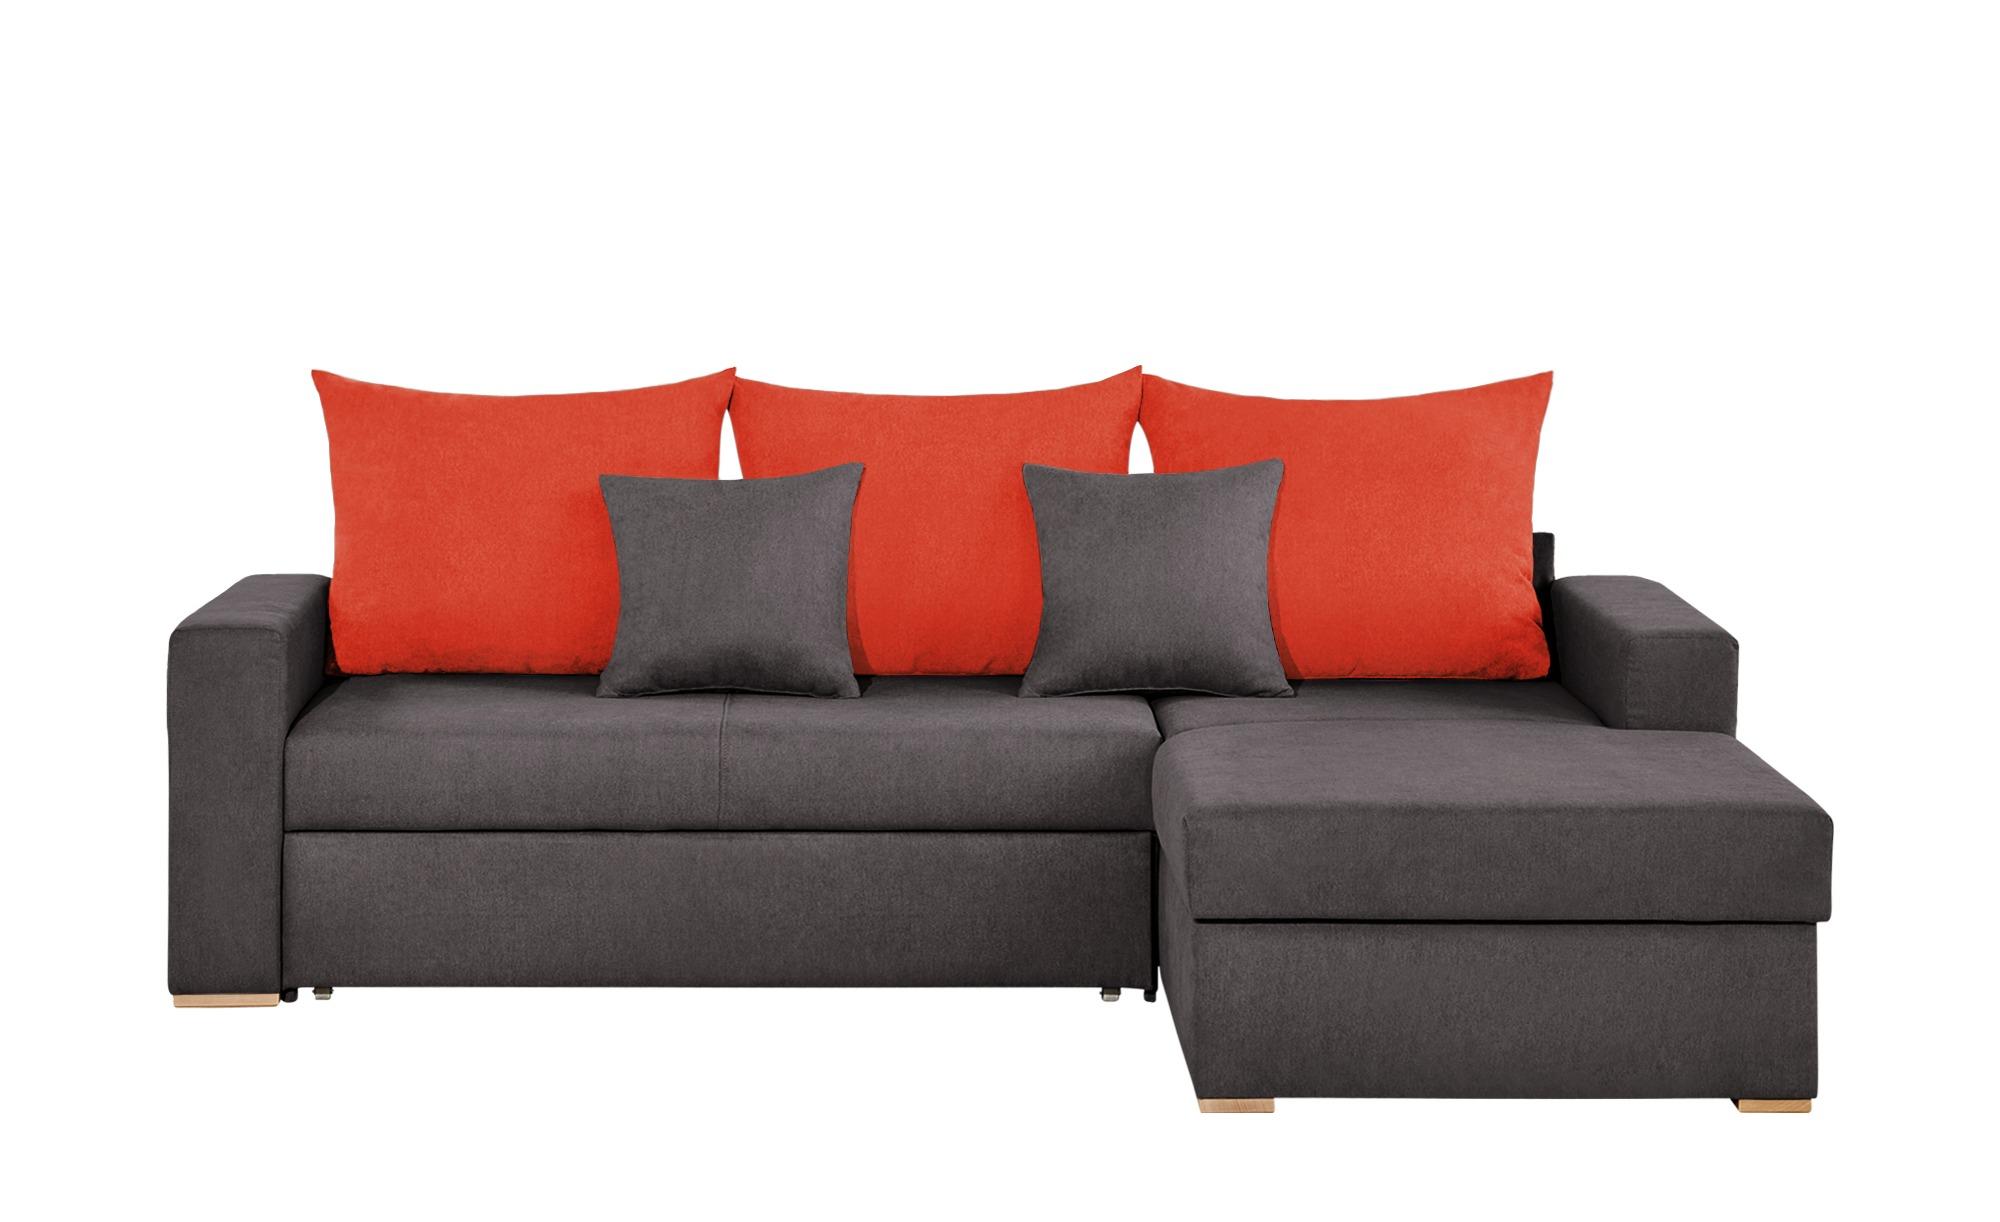 smart Ecksofa braun/orangerot - Flachgewebe Anna ¦ orange ¦ Maße (cm): H: 65 Polstermöbel > Sofas > Ecksofas - Höffner